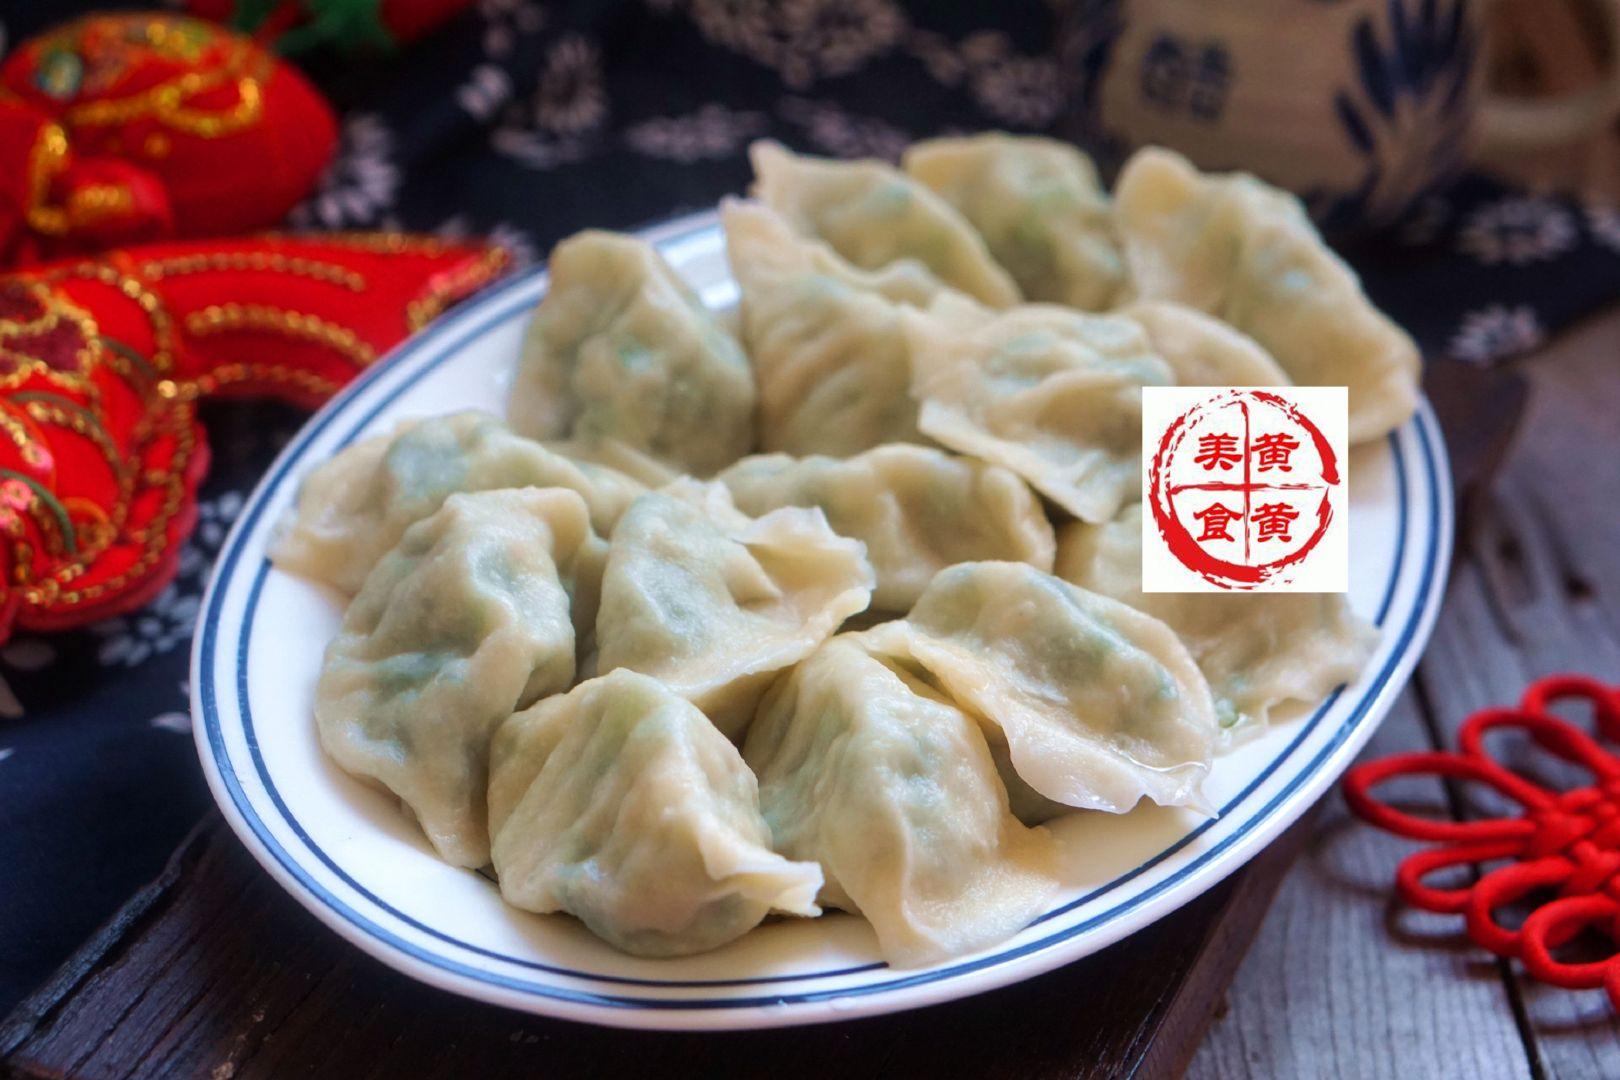 大年初一吃饺子,这个馅,就是鲜,寓意招财进宝、大吉大利